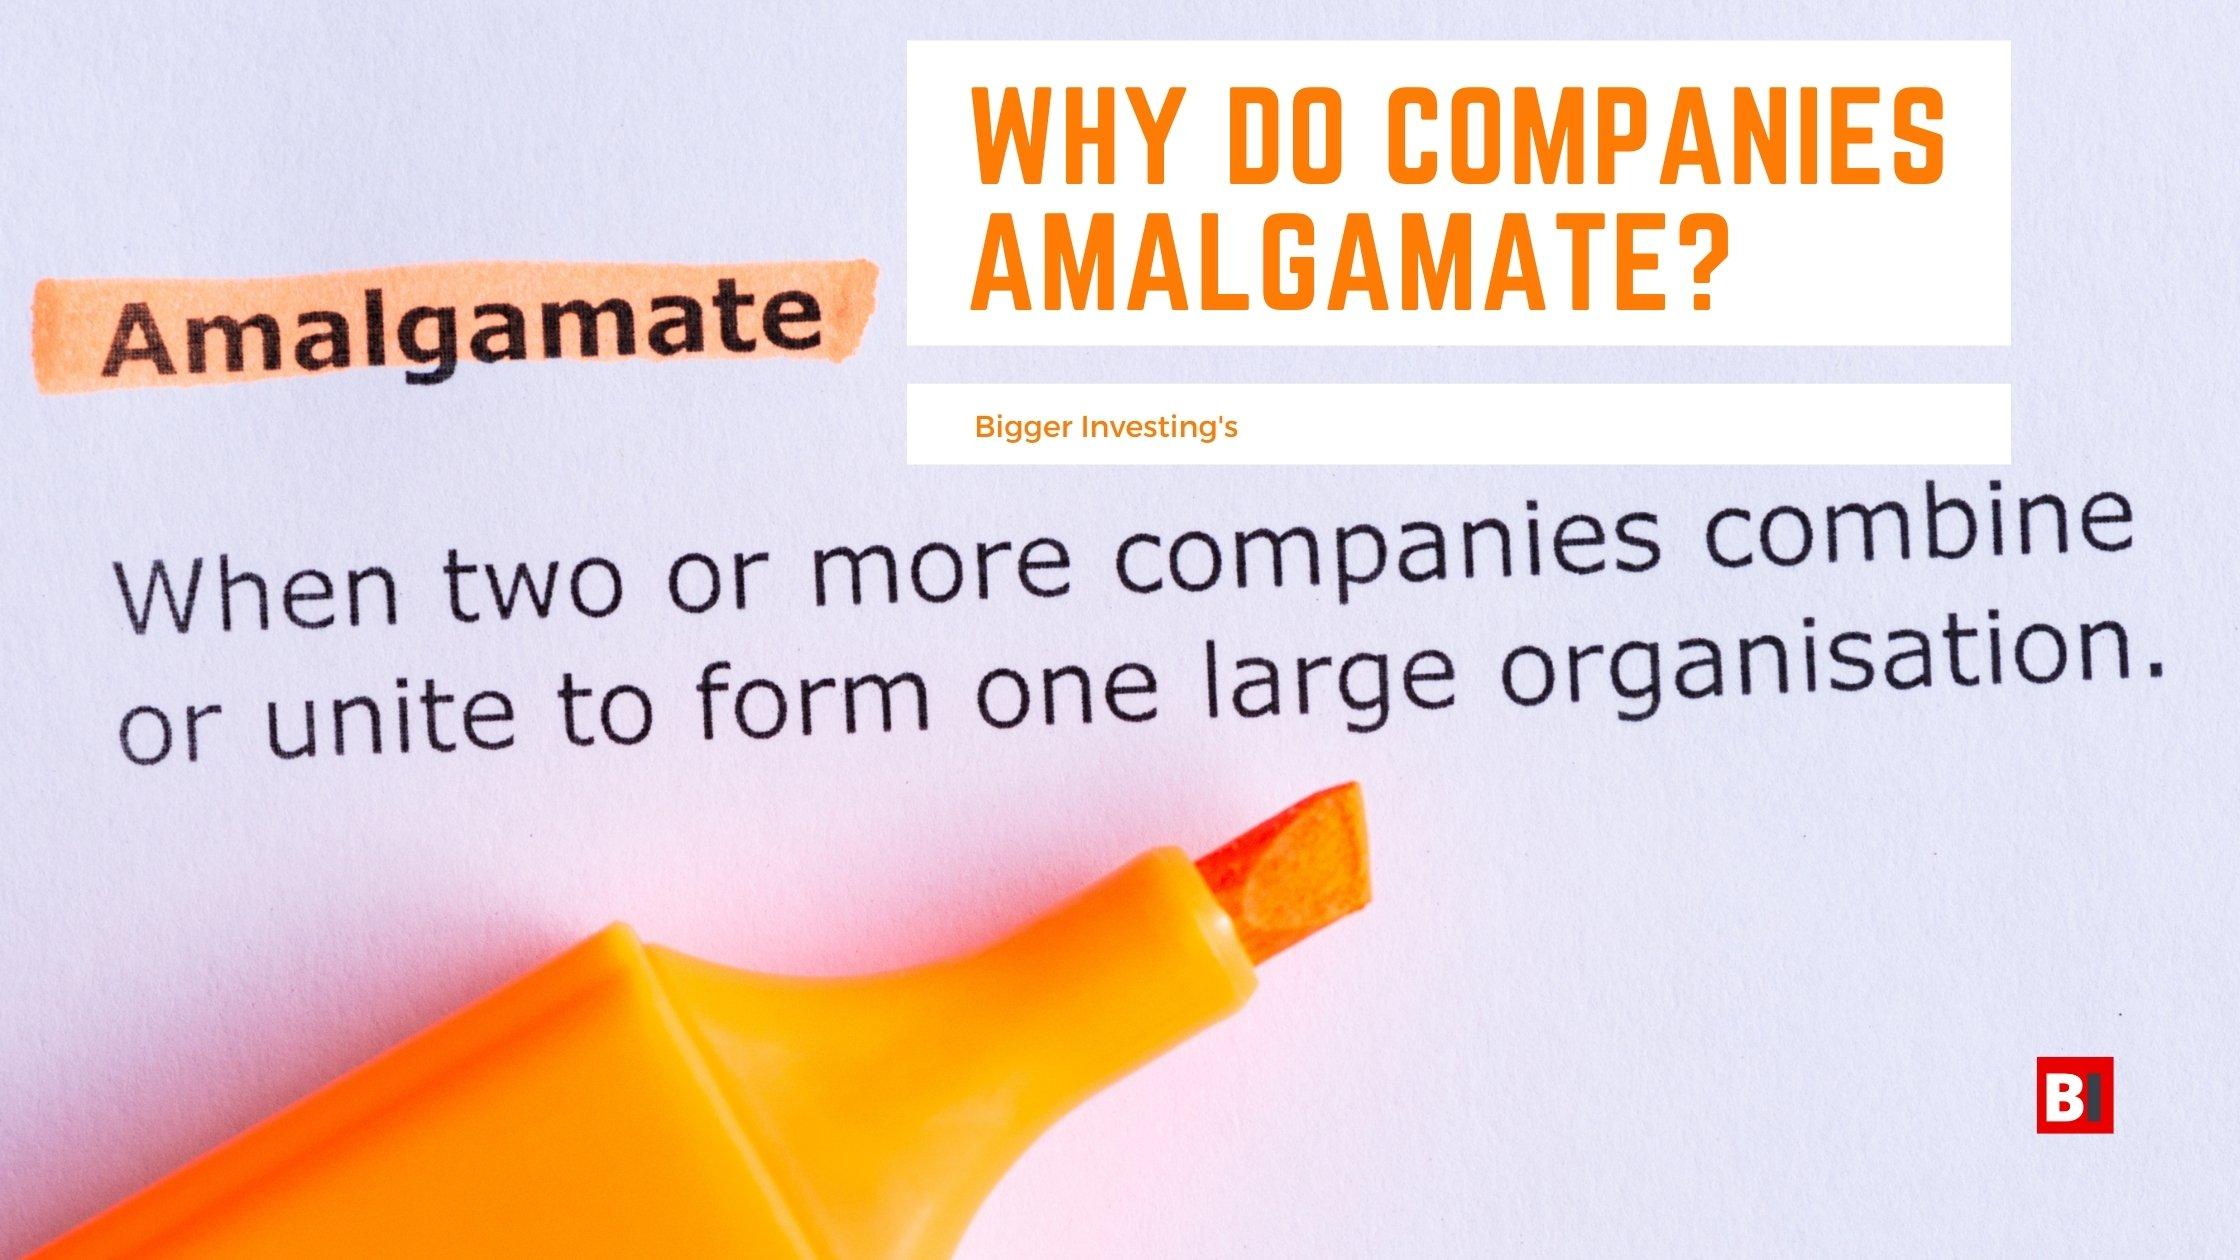 Why Do Companies Amalgamate?